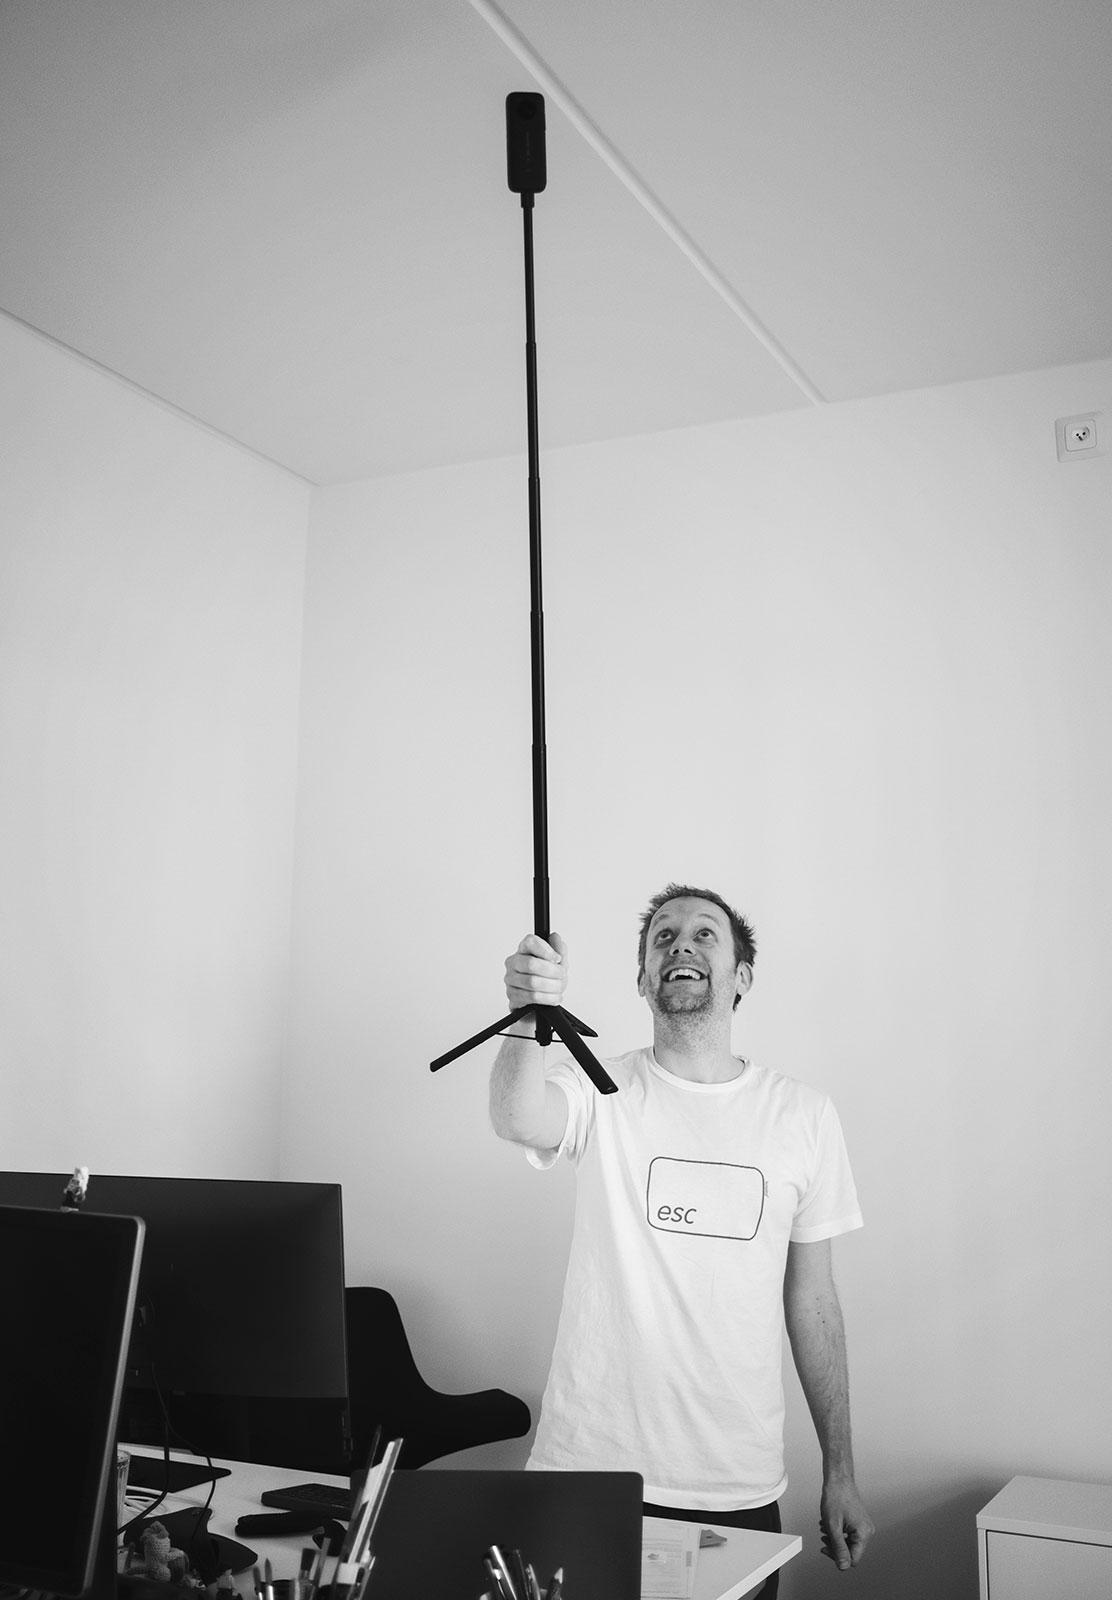 Tall tripod